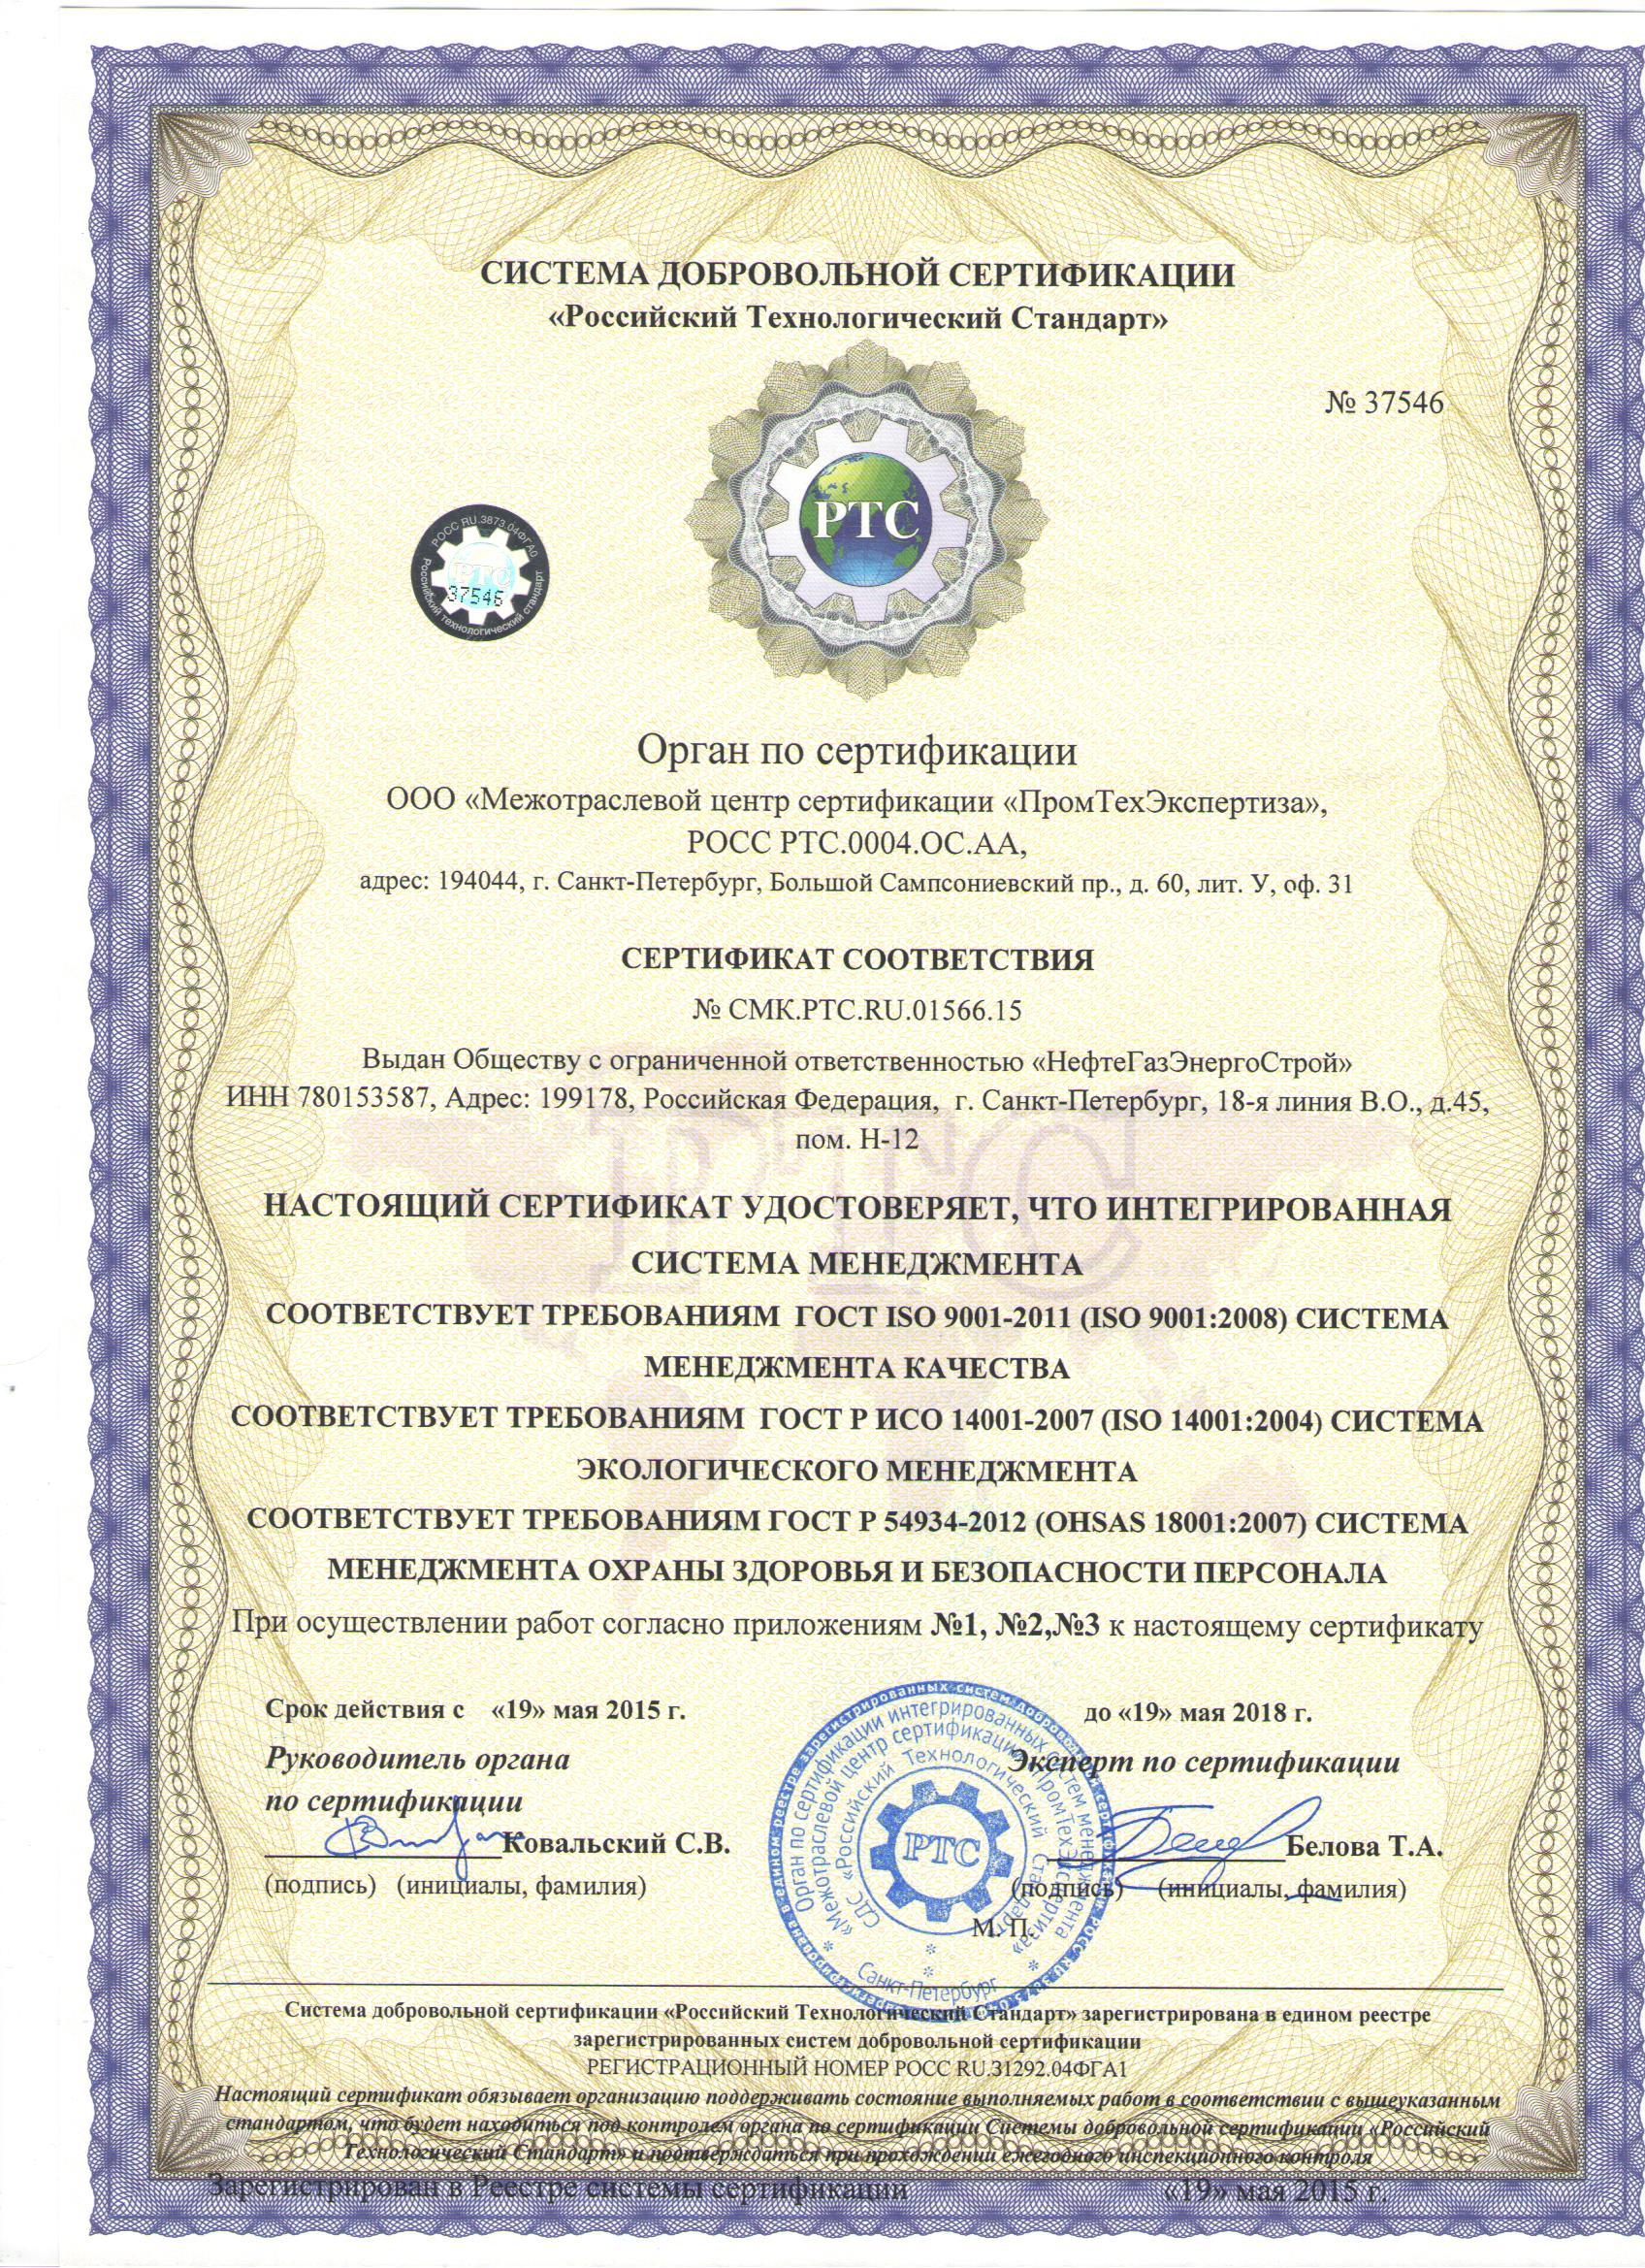 цена ИСО 14001 система экологического менеджмента 2007 в Пушкино